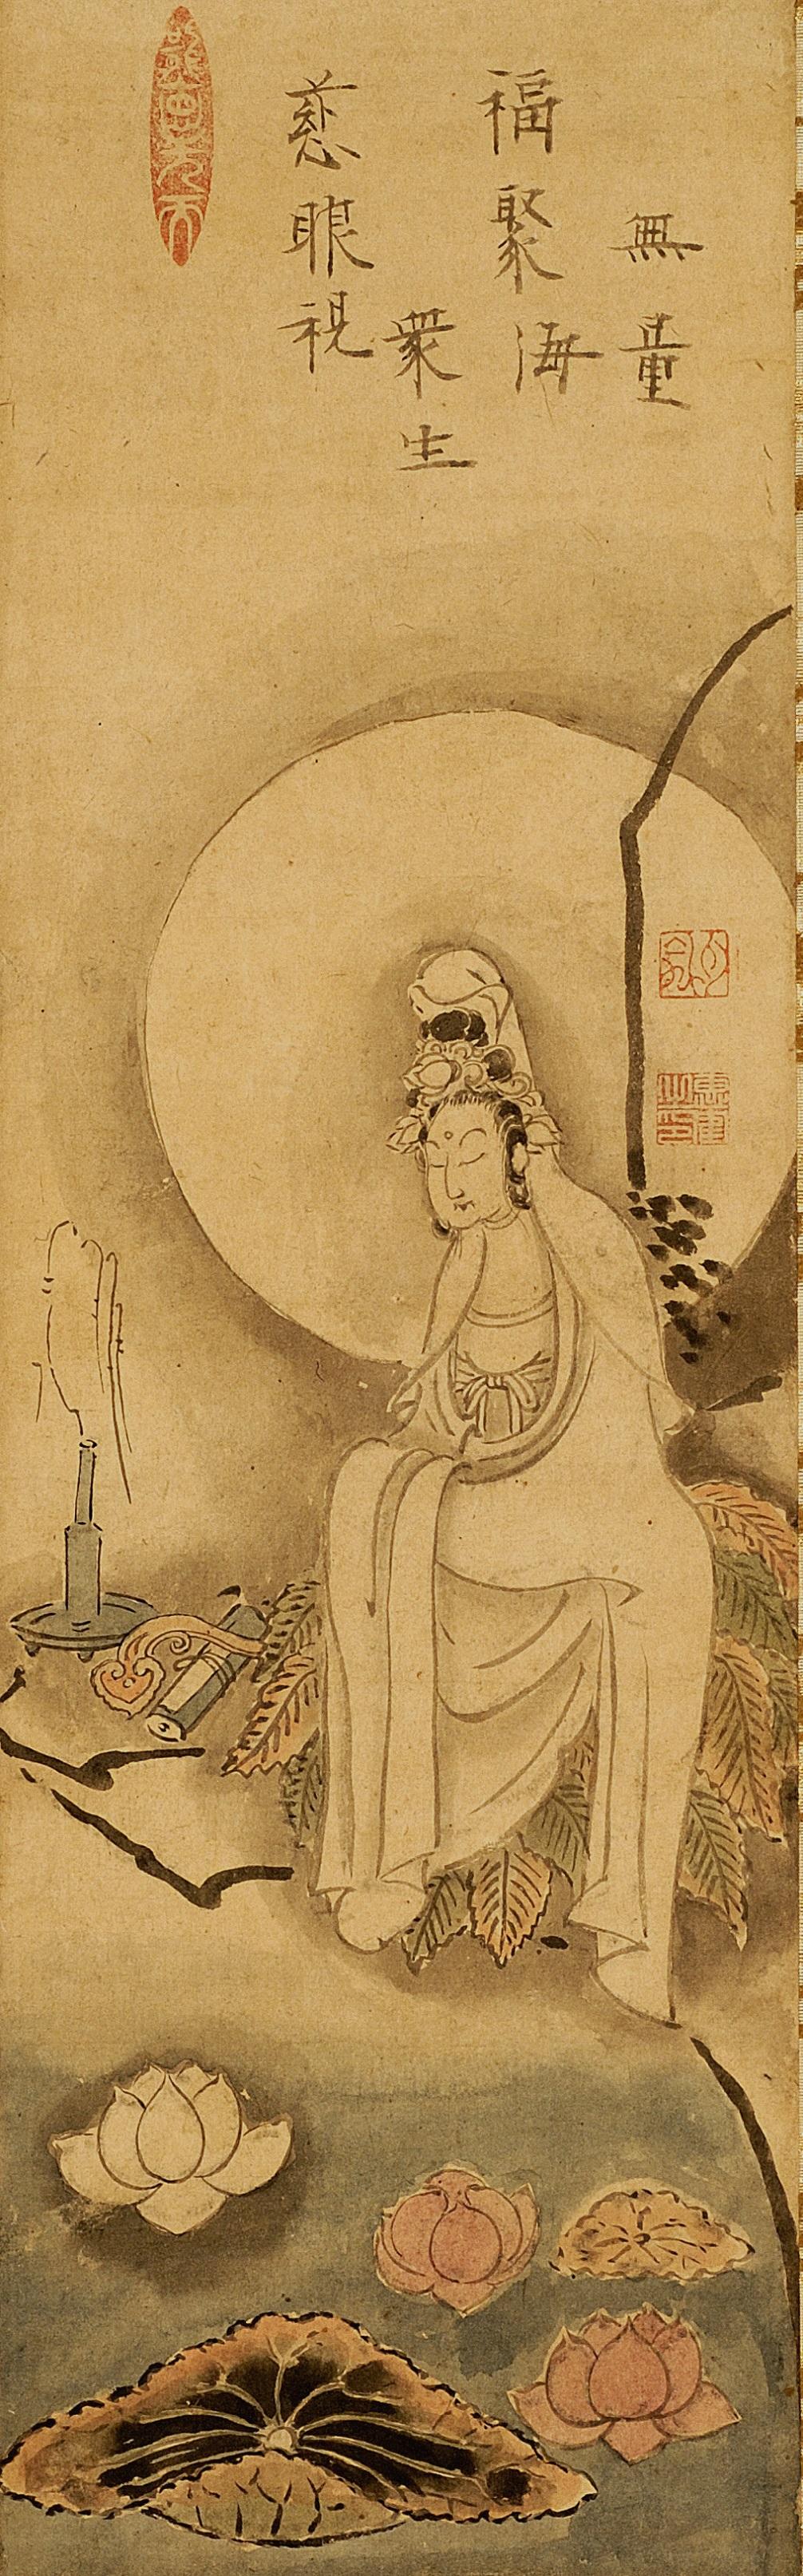 Sacred figure near lotus pond Japan